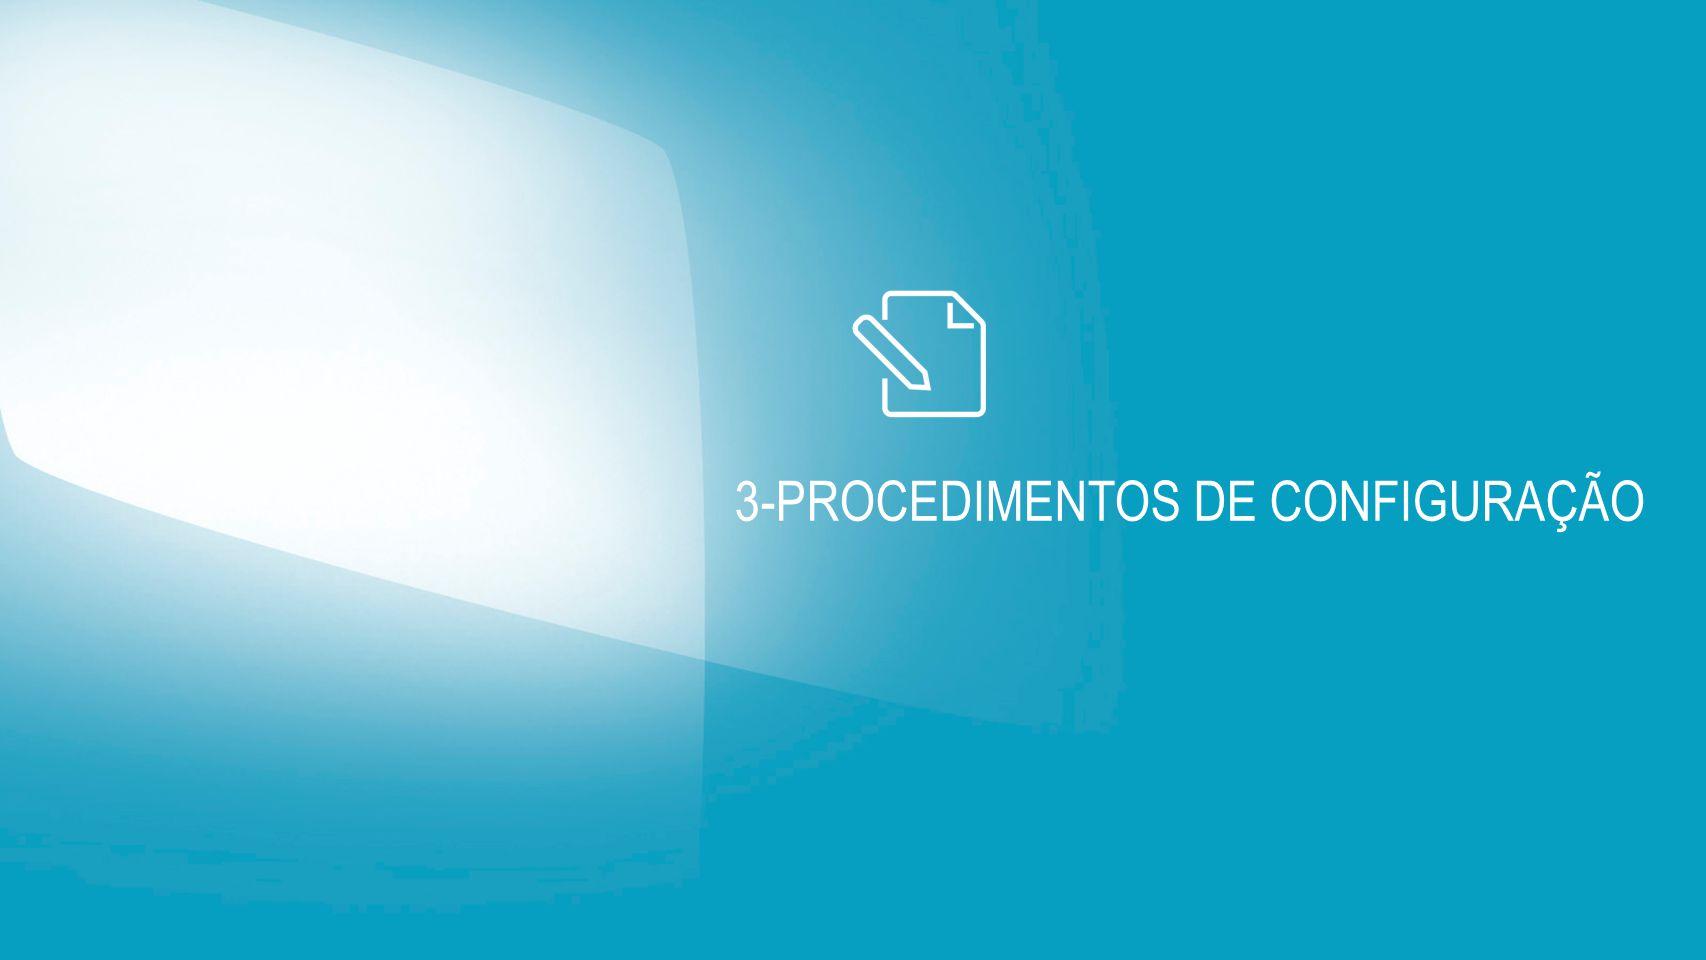 3-PROCEDIMENTOS DE CONFIGURAÇÃO